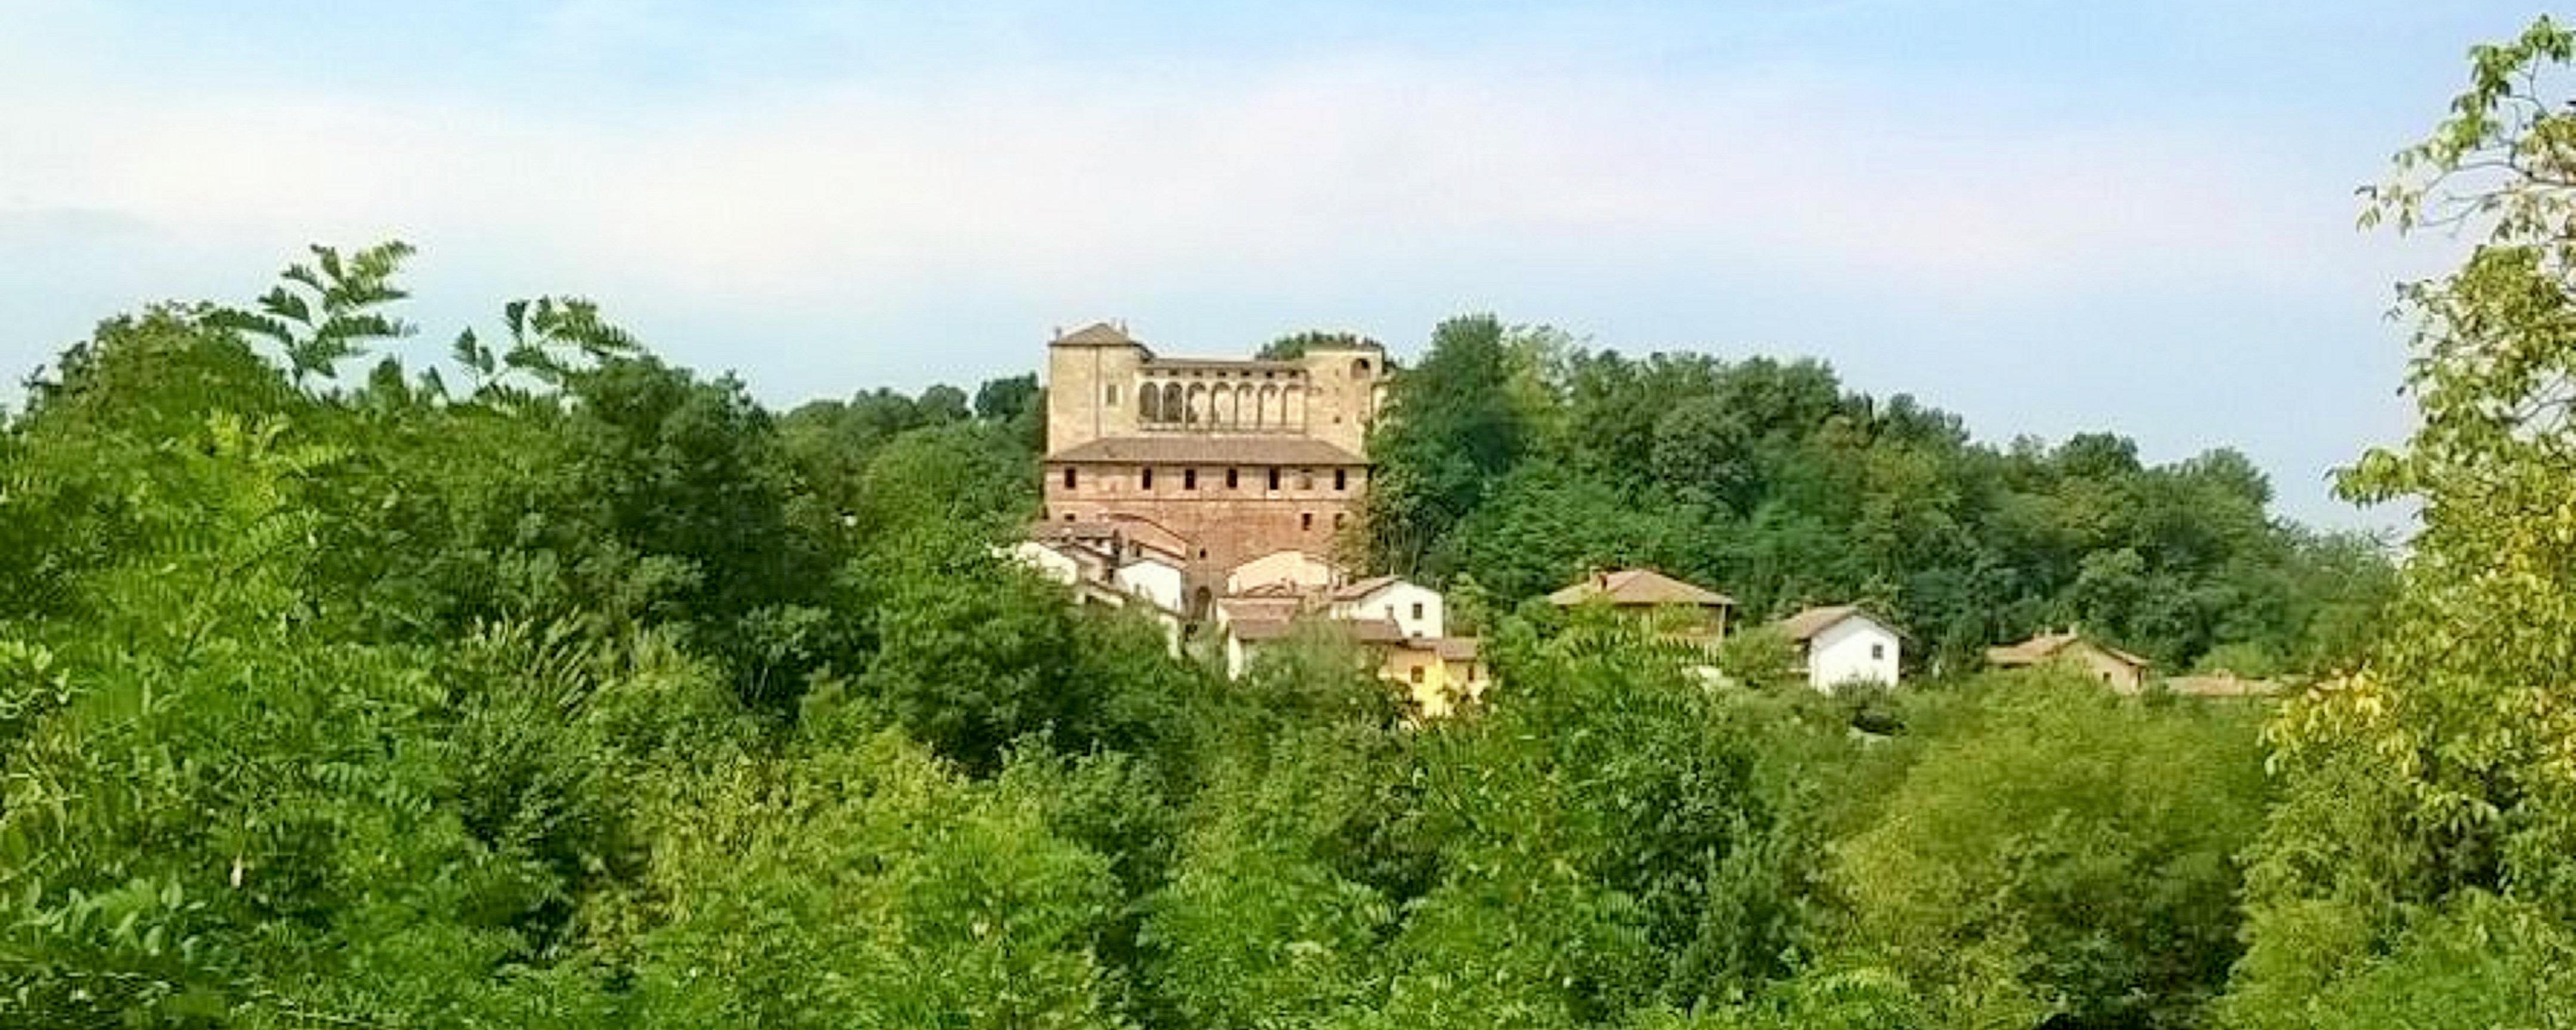 OS Castle - Tel +39 388 844 4343 - Email info@ositaly.com -  Dimora Storica - Romantico appartamento nella torre del Castello di Tassarolo